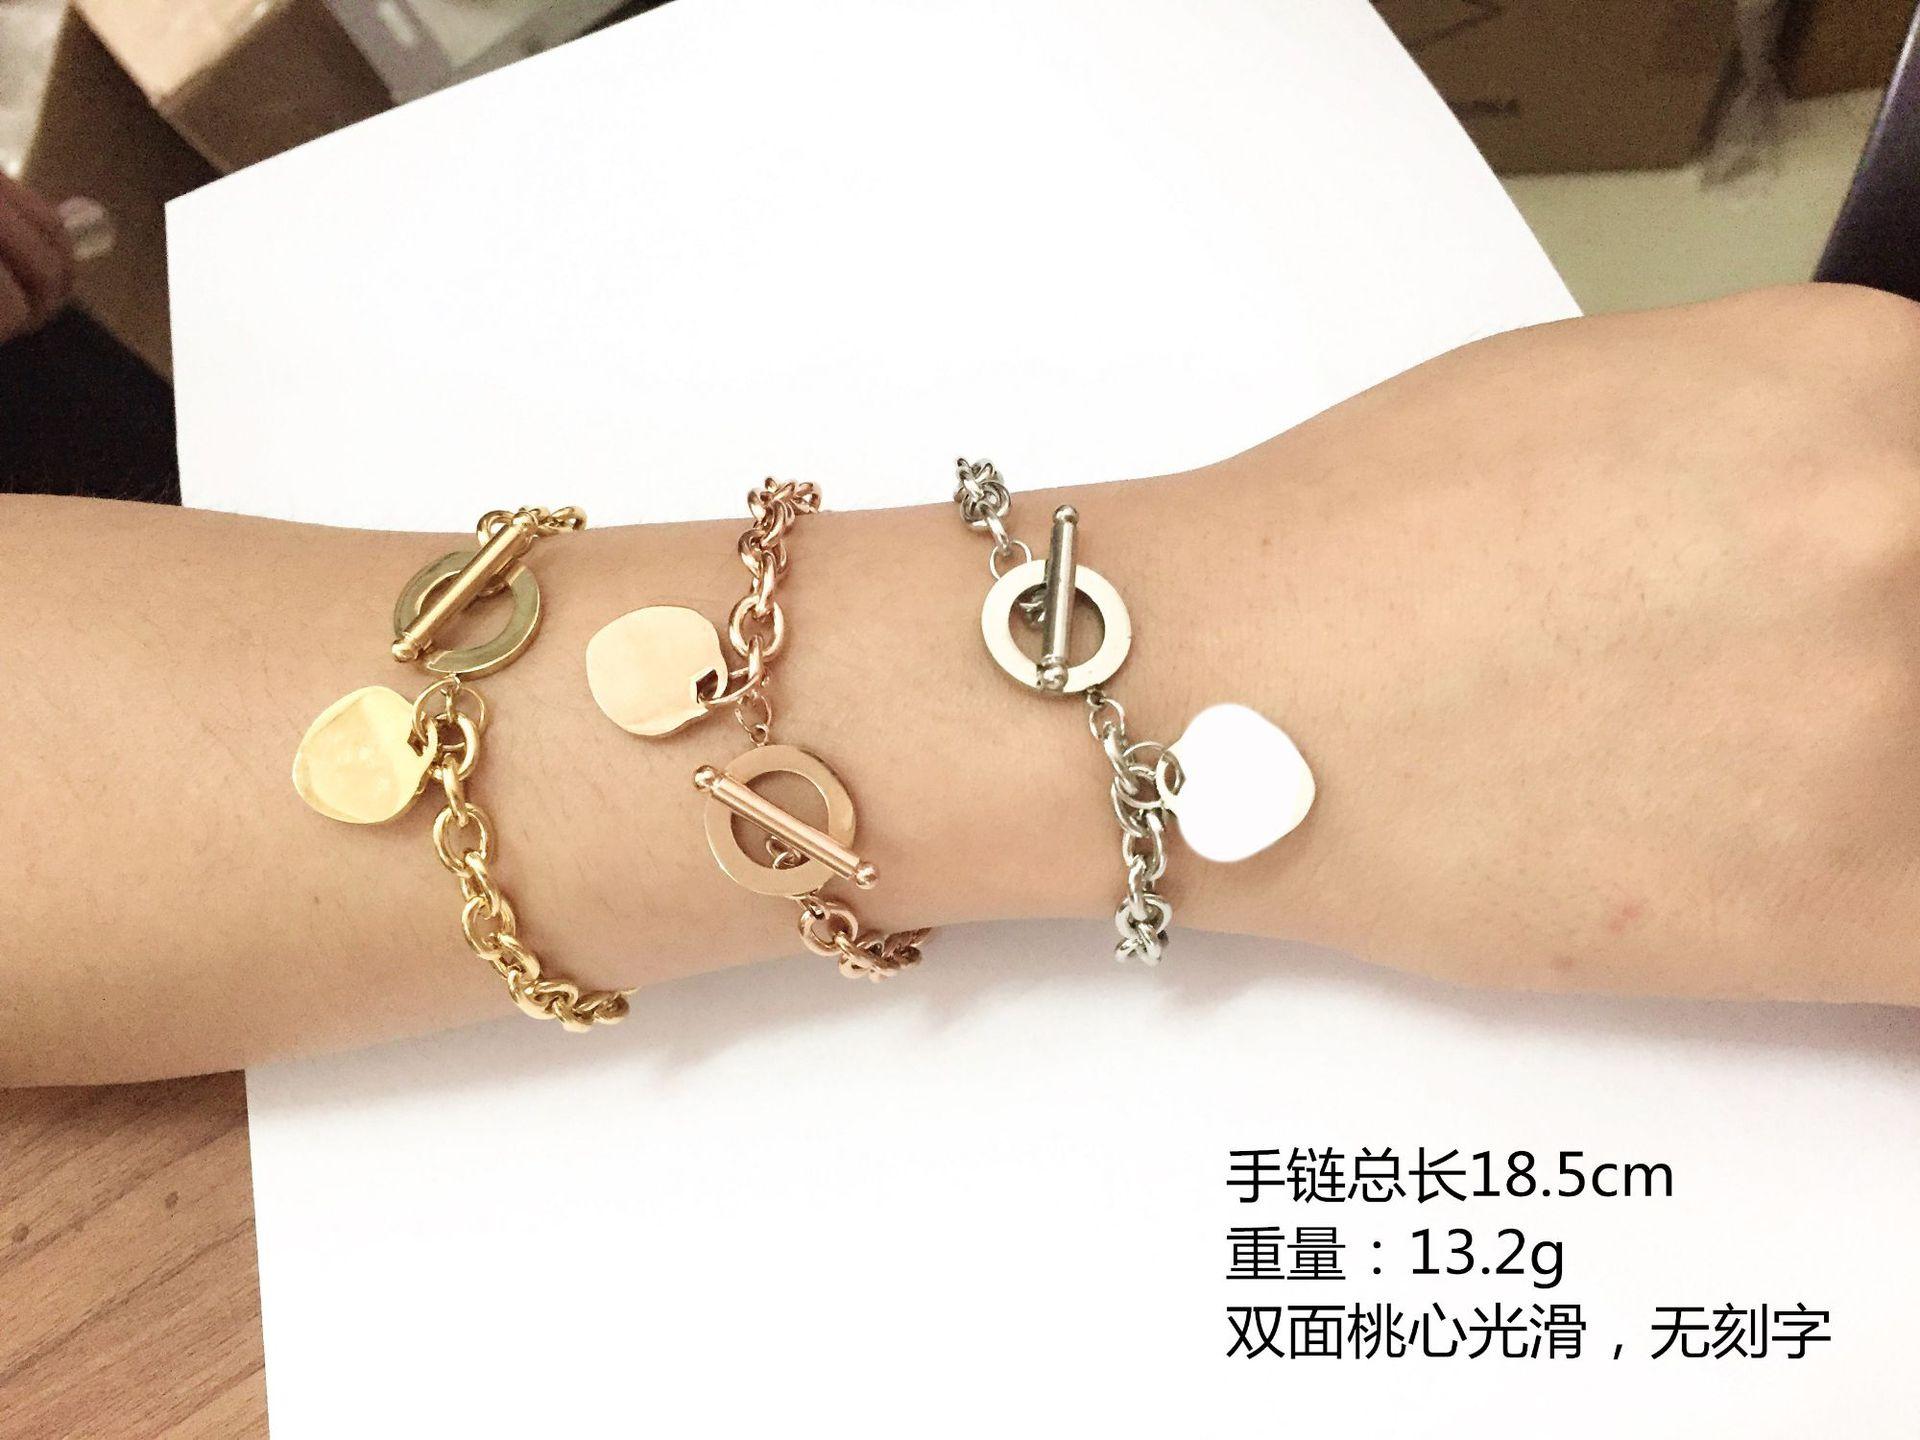 fashion love stainless steel bracelet peach heartshaped letter rose gold bracelet Tshaped titanium steel bracelet wholesale nihaojewelry NHKN228198